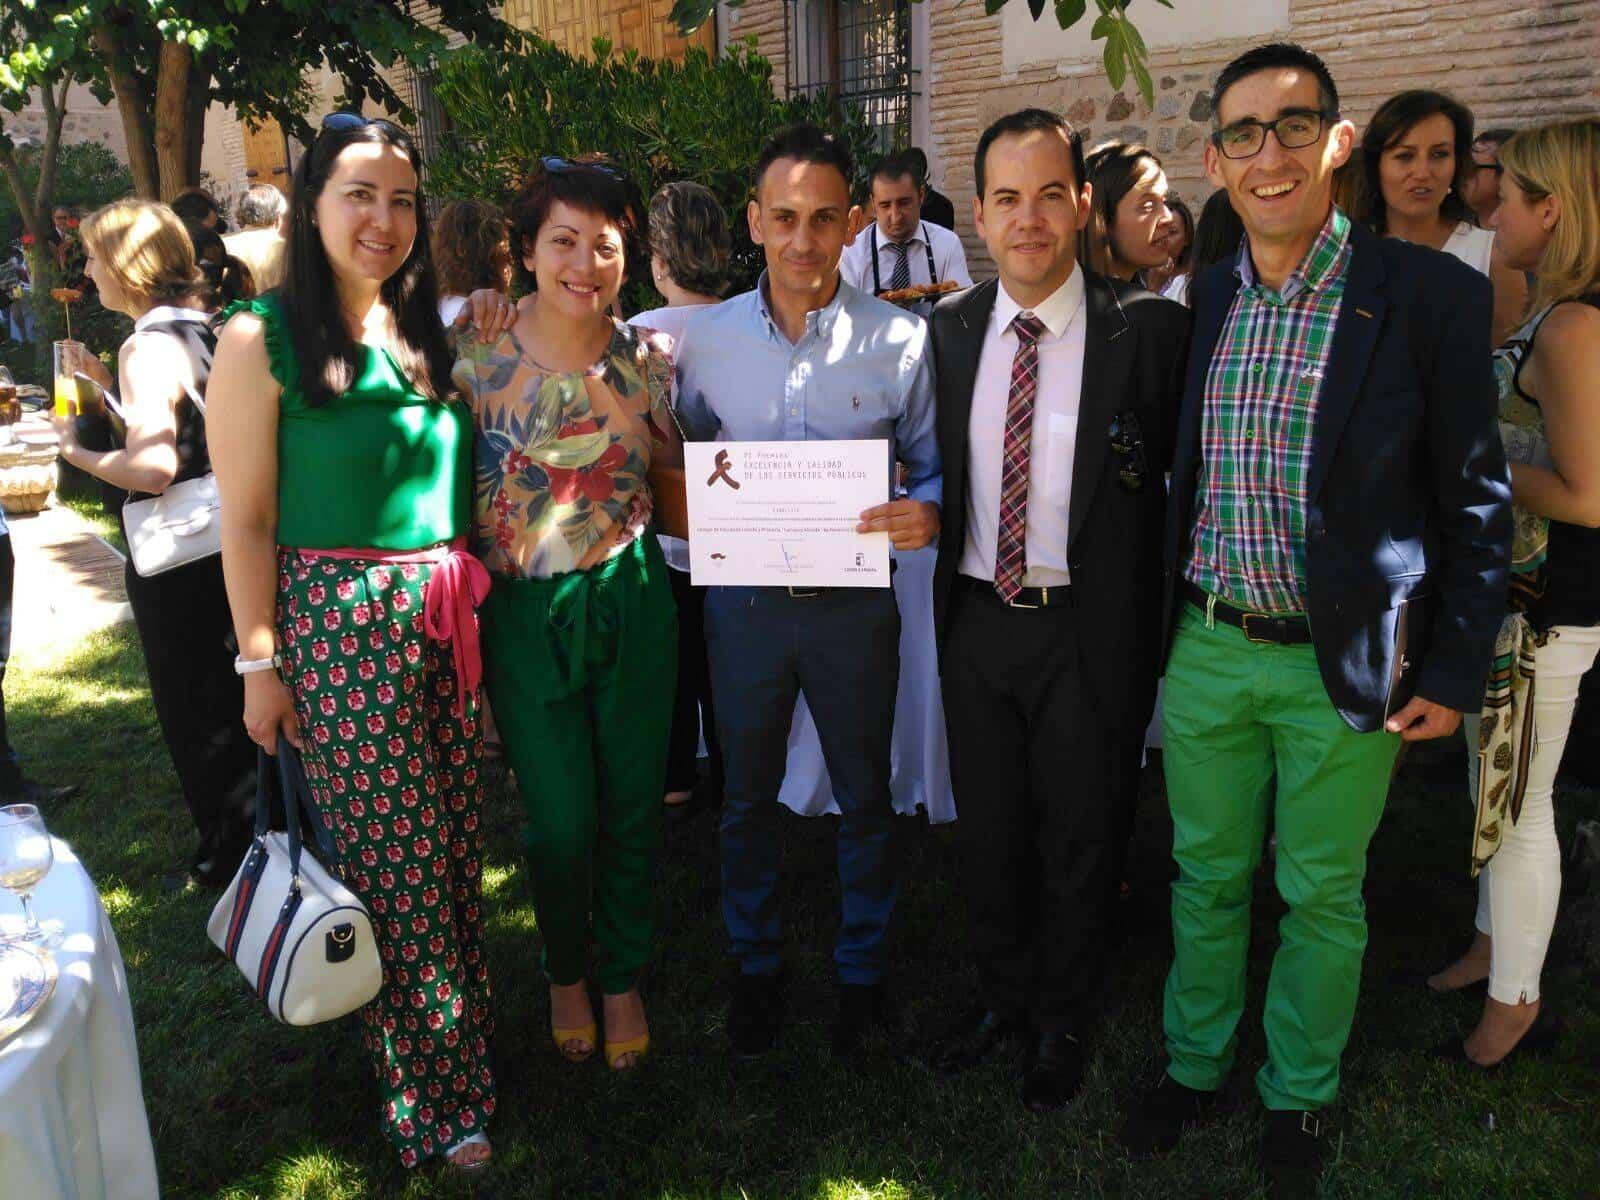 CEIP Carrasco Alcalde Premios Excelencia3 - El CEIP Carrasco Alcalde en la gala de los VI premios de Excelencia y calidad en la prestación de servicios públicos